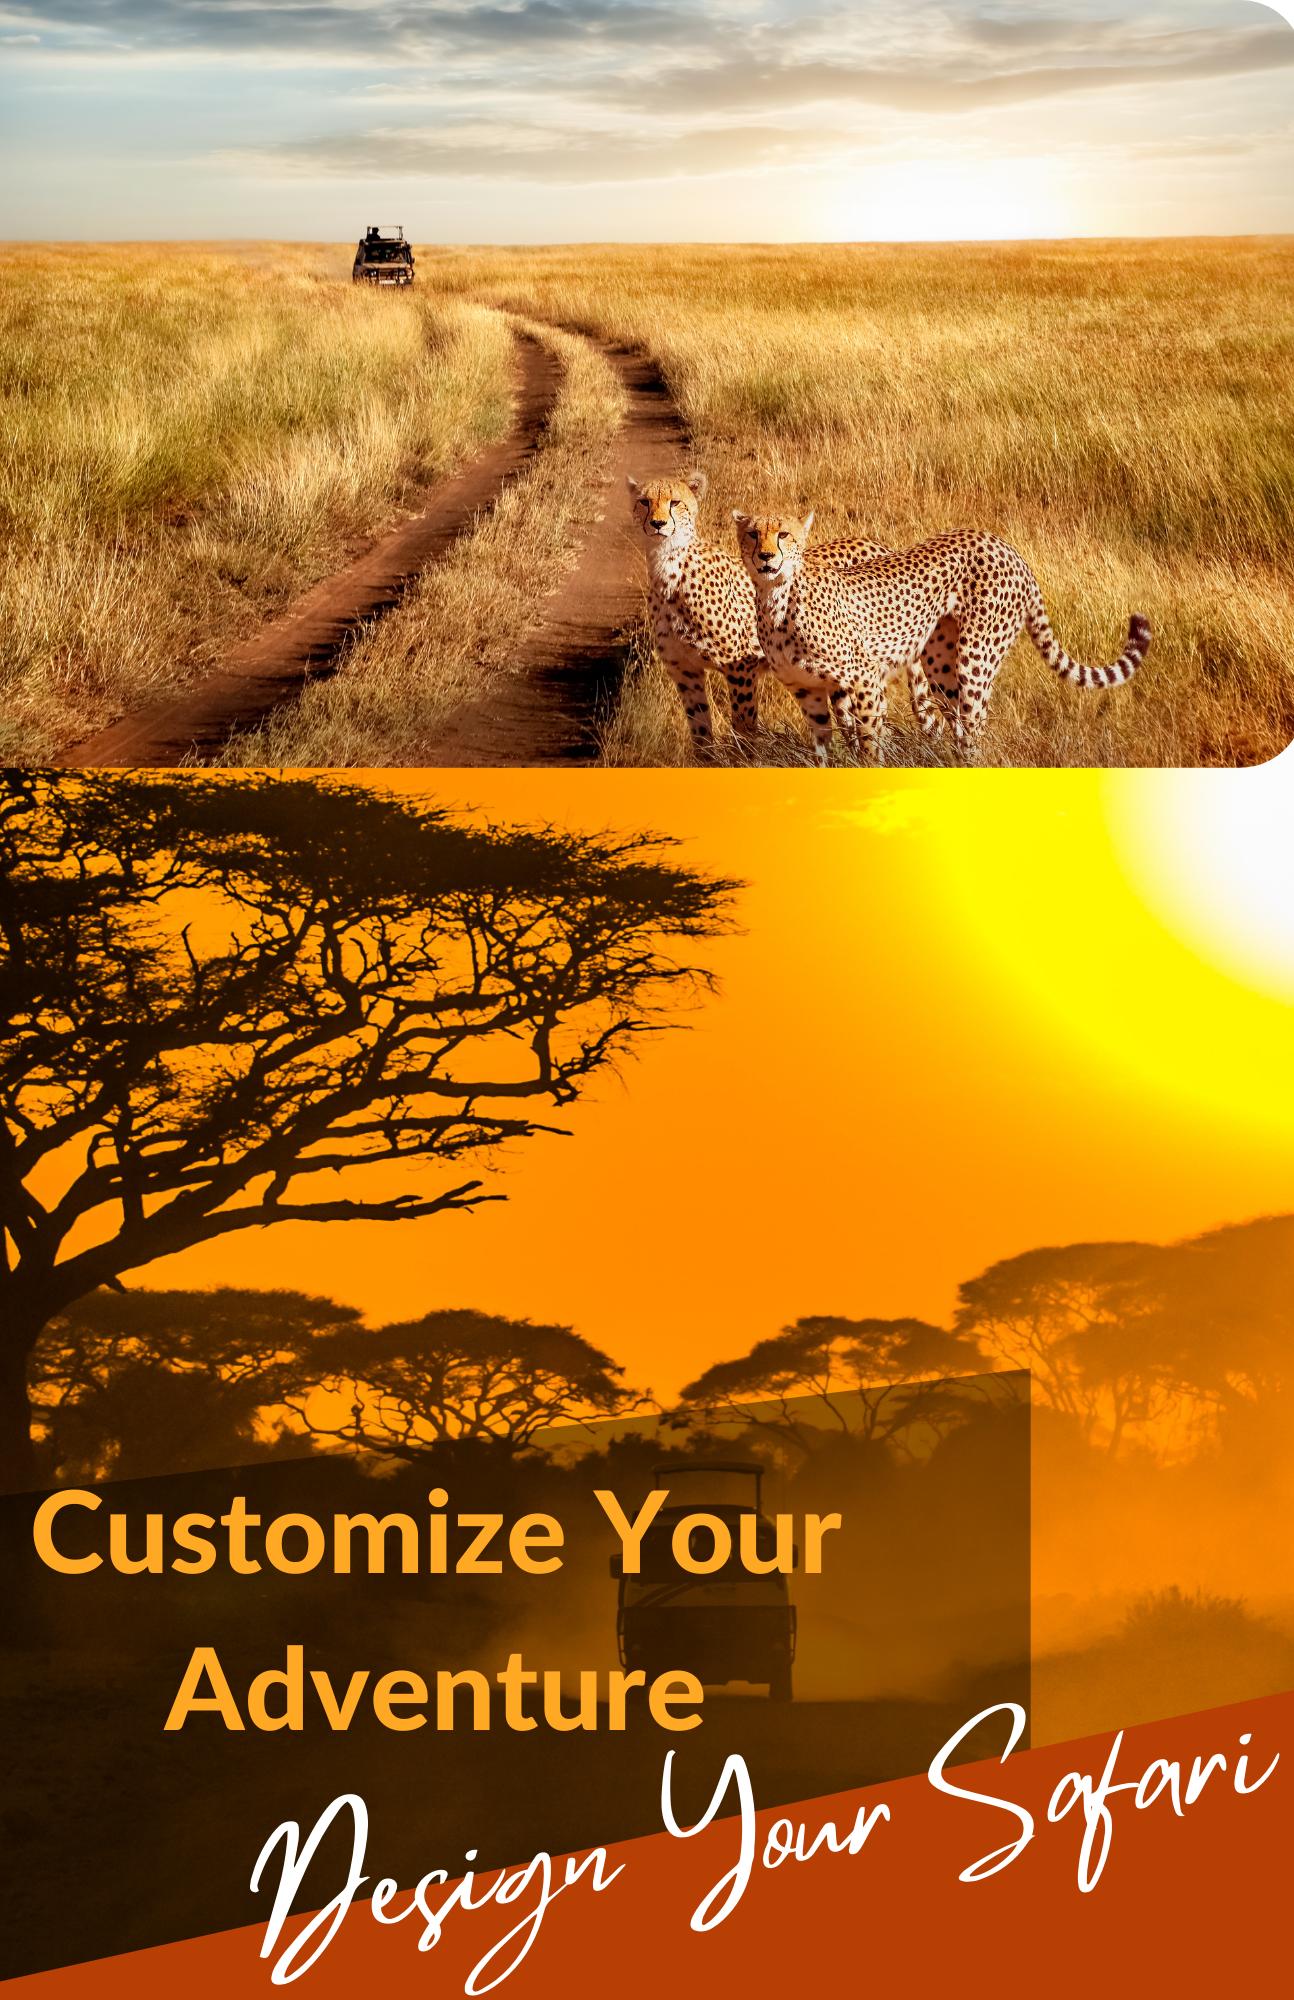 Customize Your Safari